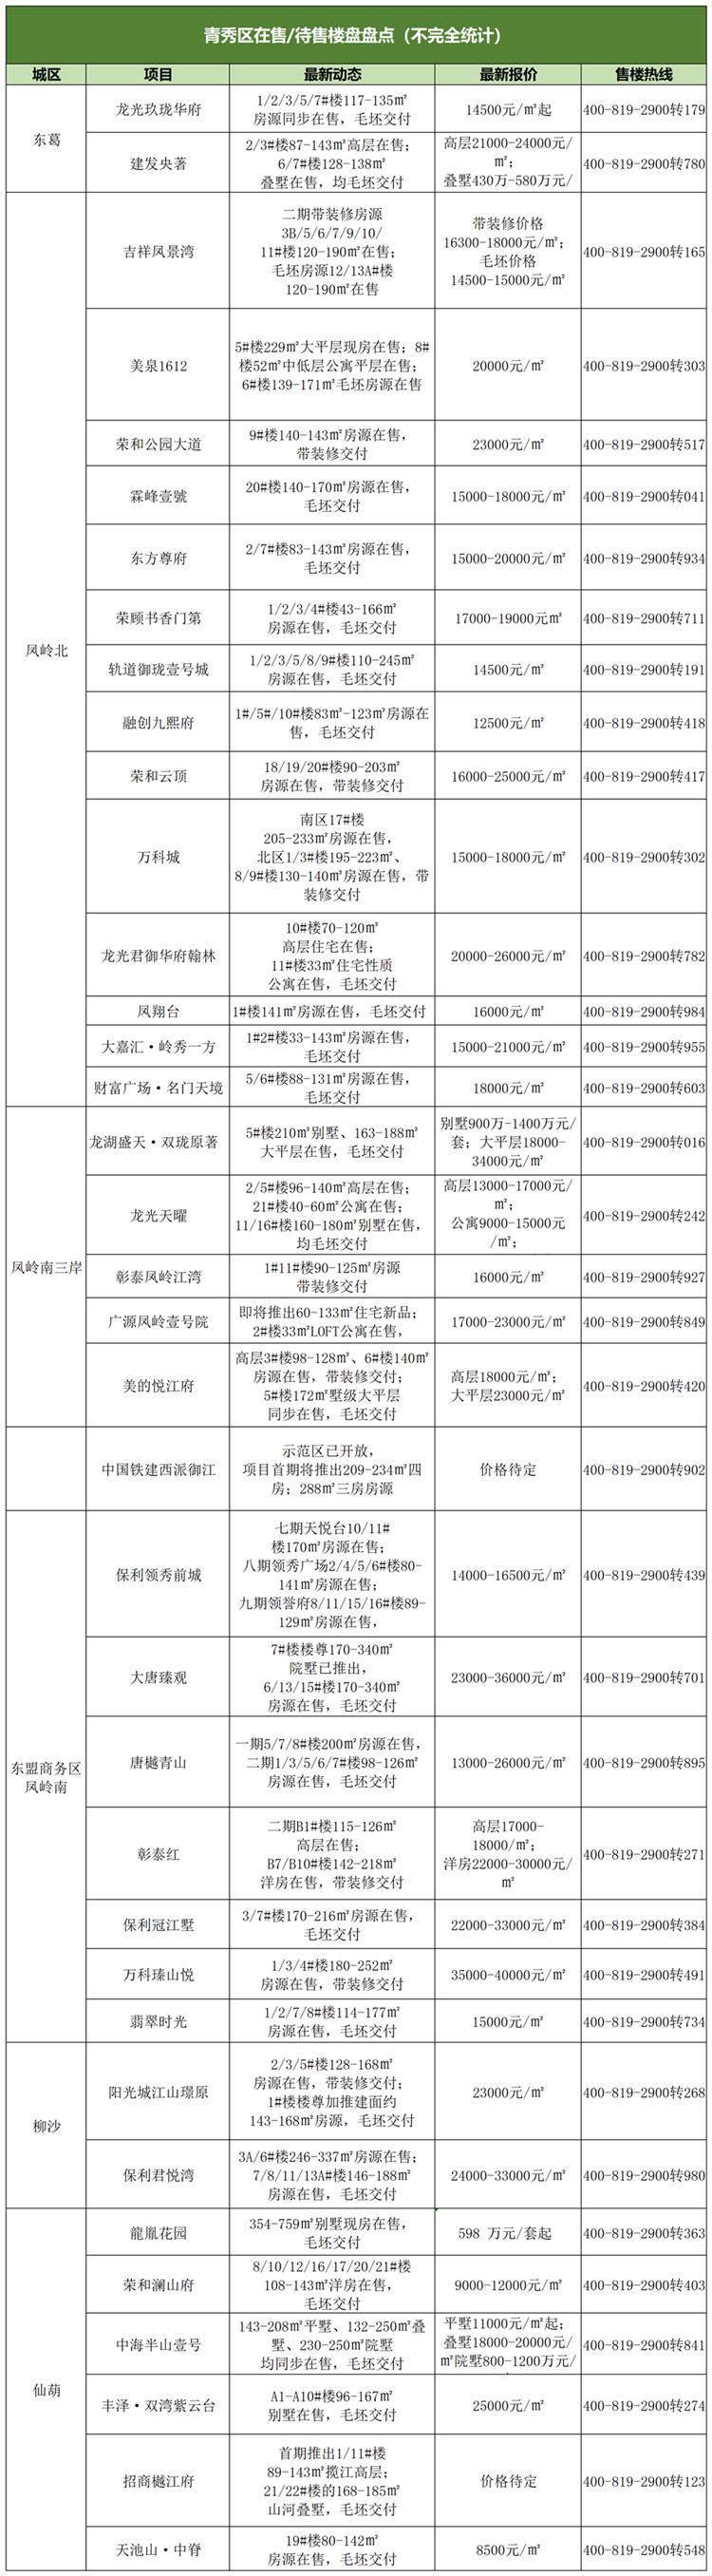 2021年4月青秀区在售楼盘统计表_副本.png